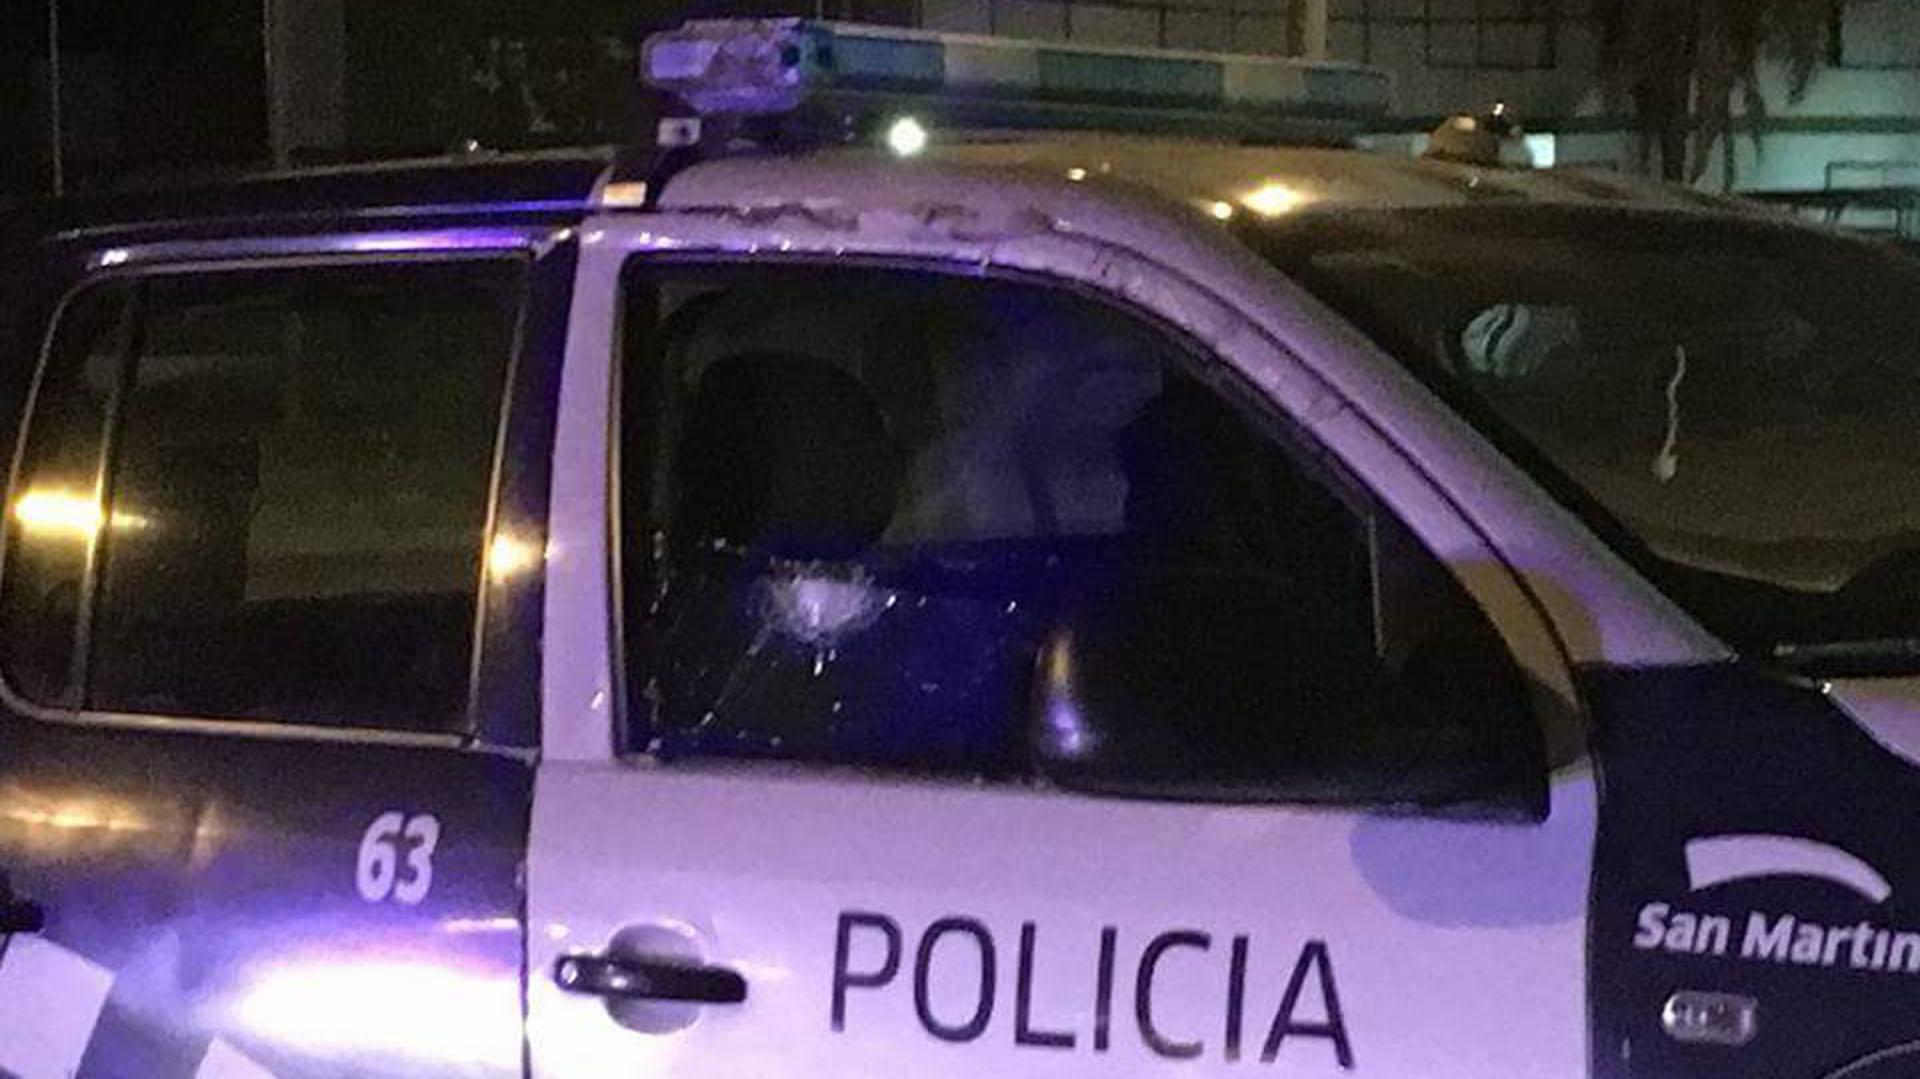 La camioneta que conducía Porres, tras el ataque (@Argengchogau)